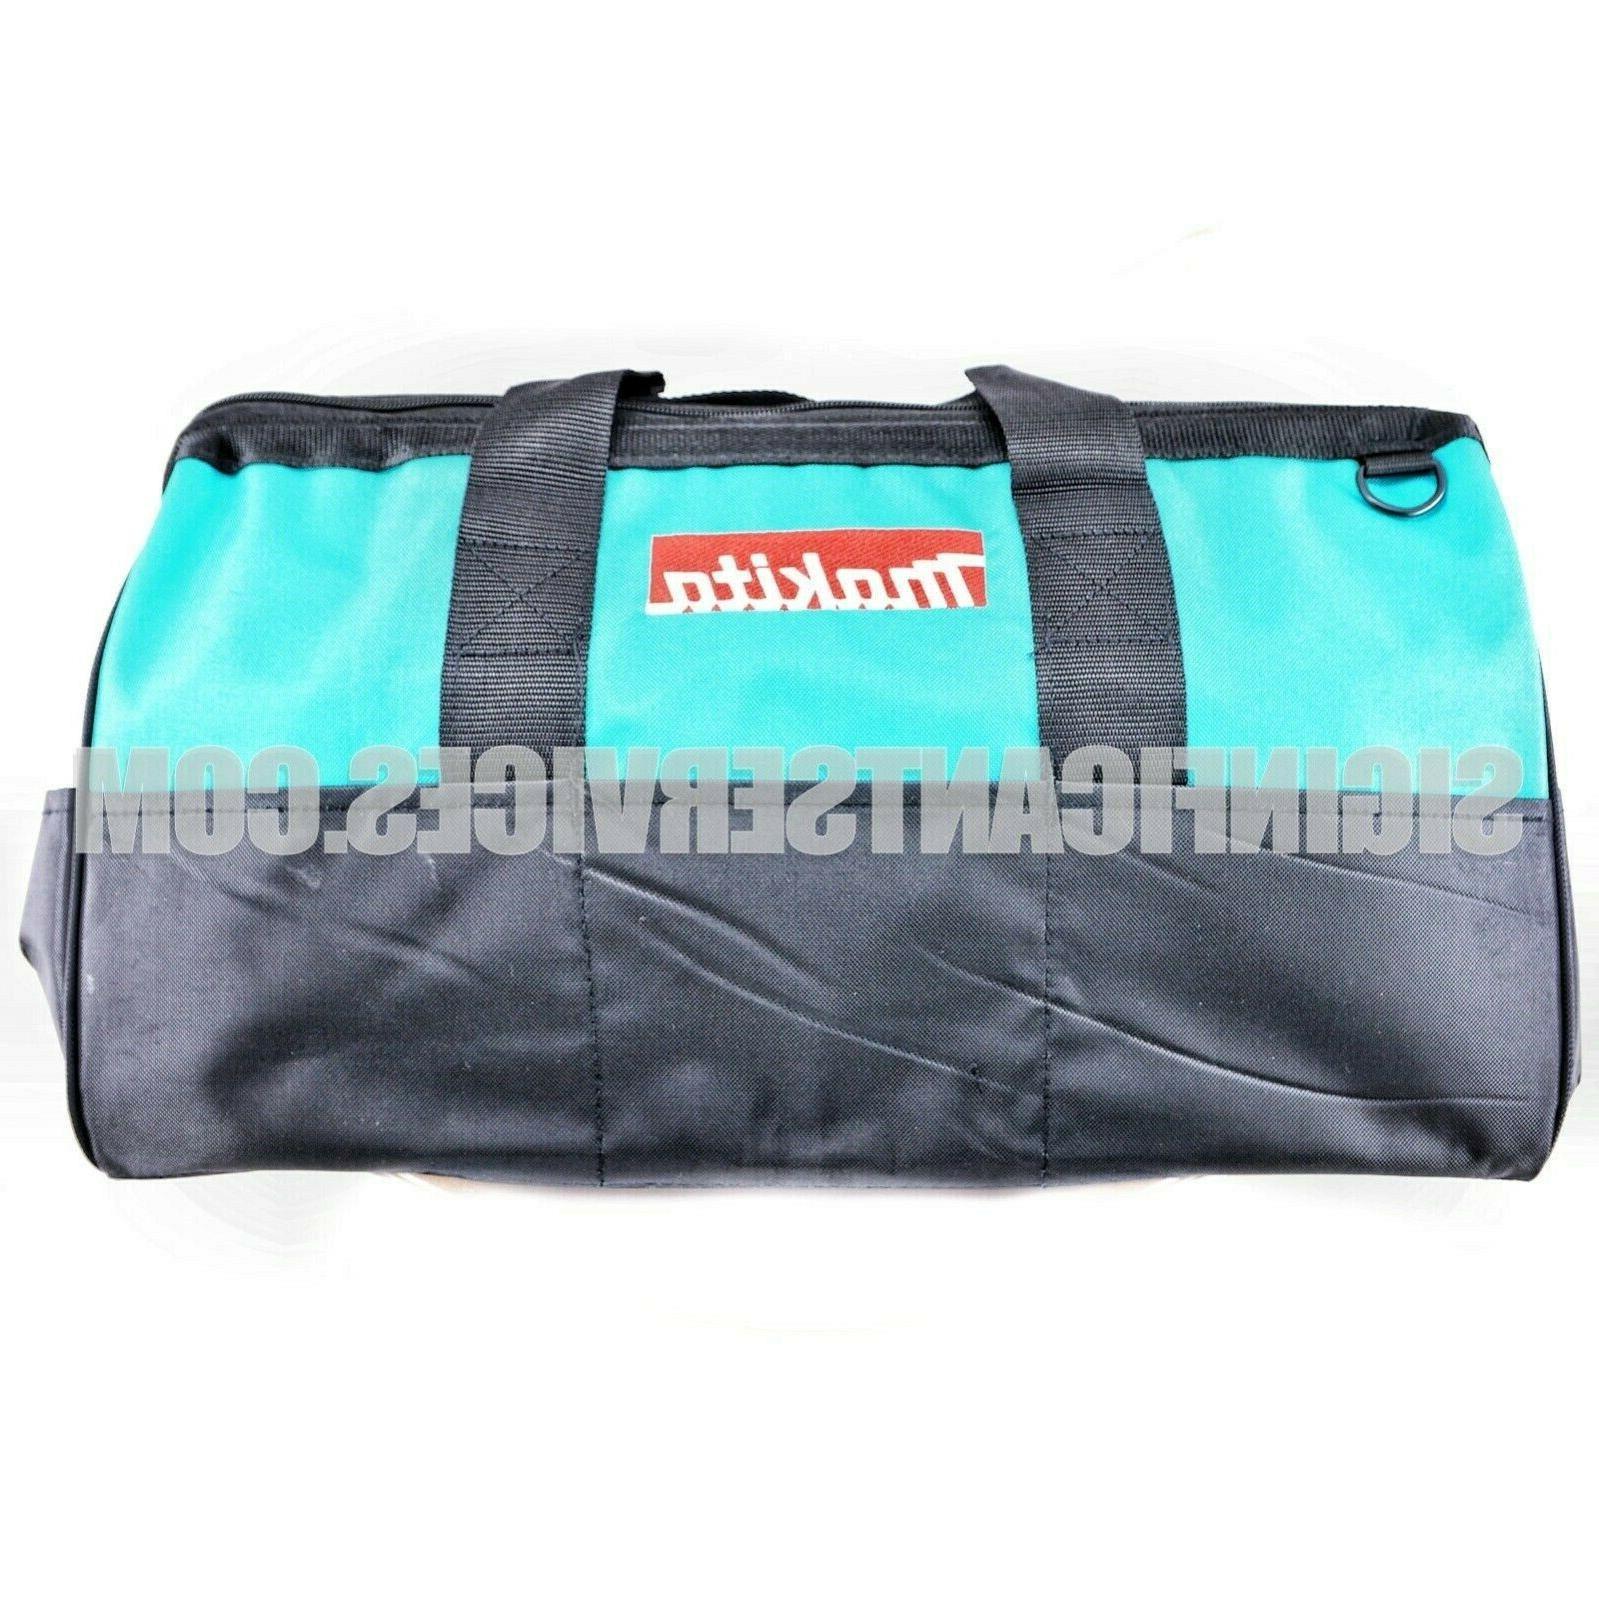 New Makita 18V Volt Saw Grinder Bag Case